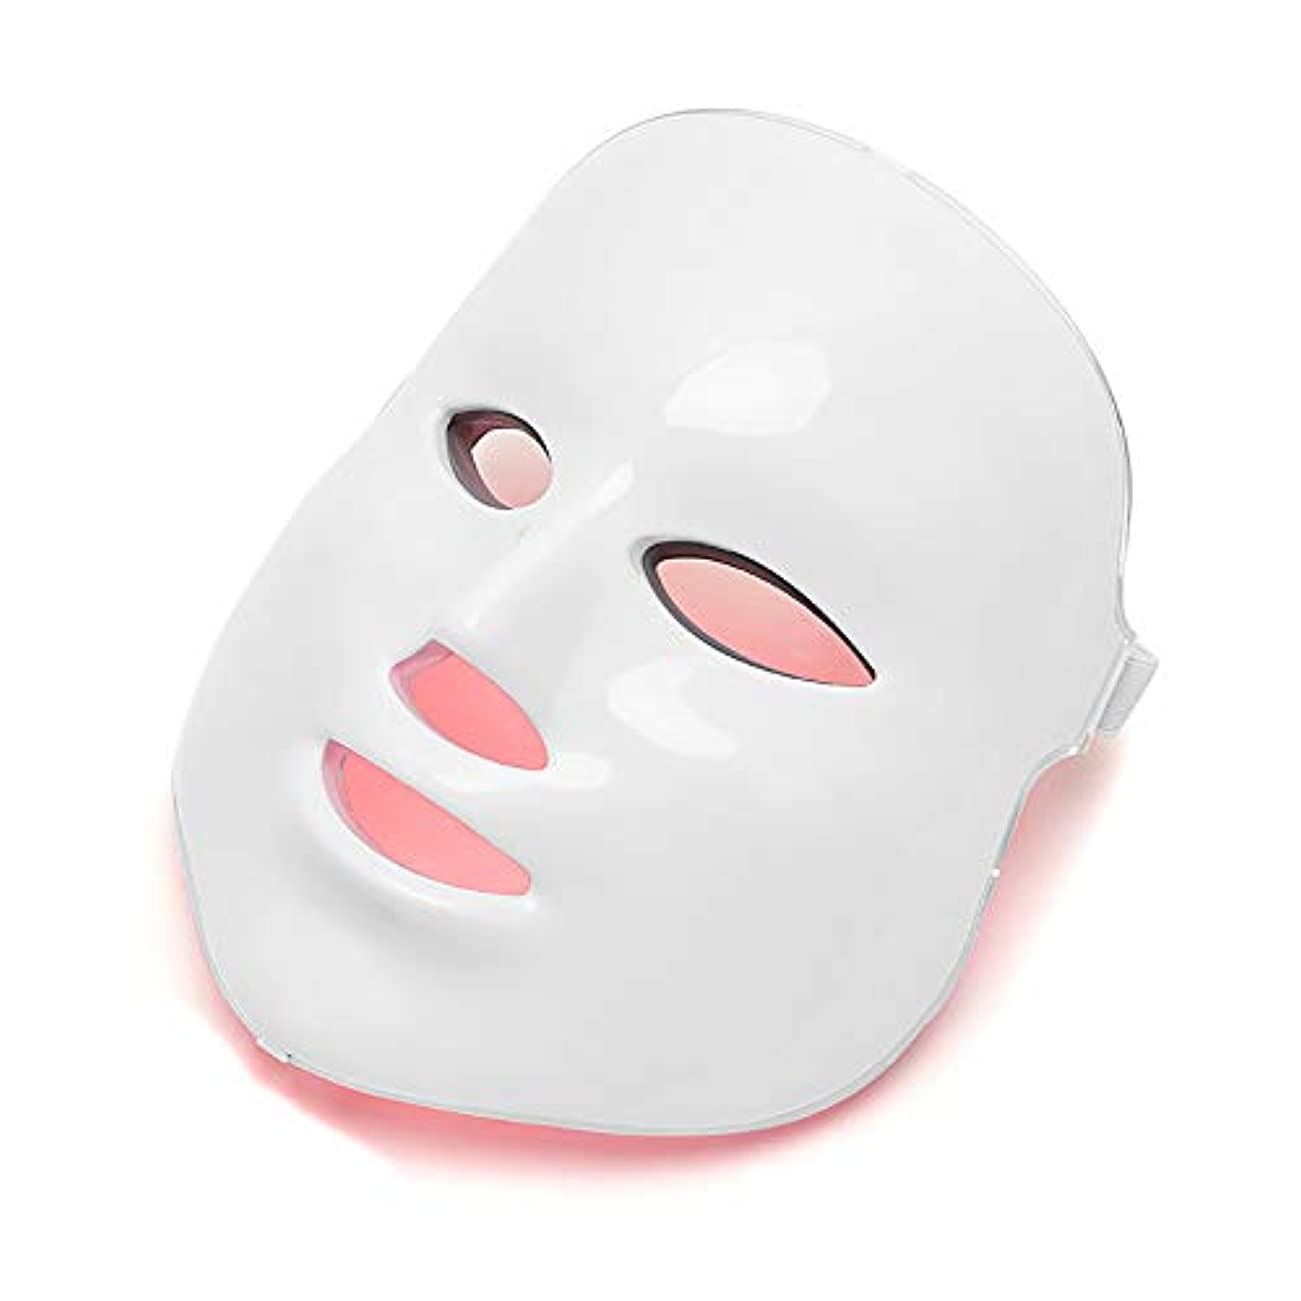 部分的にささいな納得させる7色の顔のマスクLED顔のマスクLEDの顔のマスクの美は導かれた顔のマスクの美機械を導きました